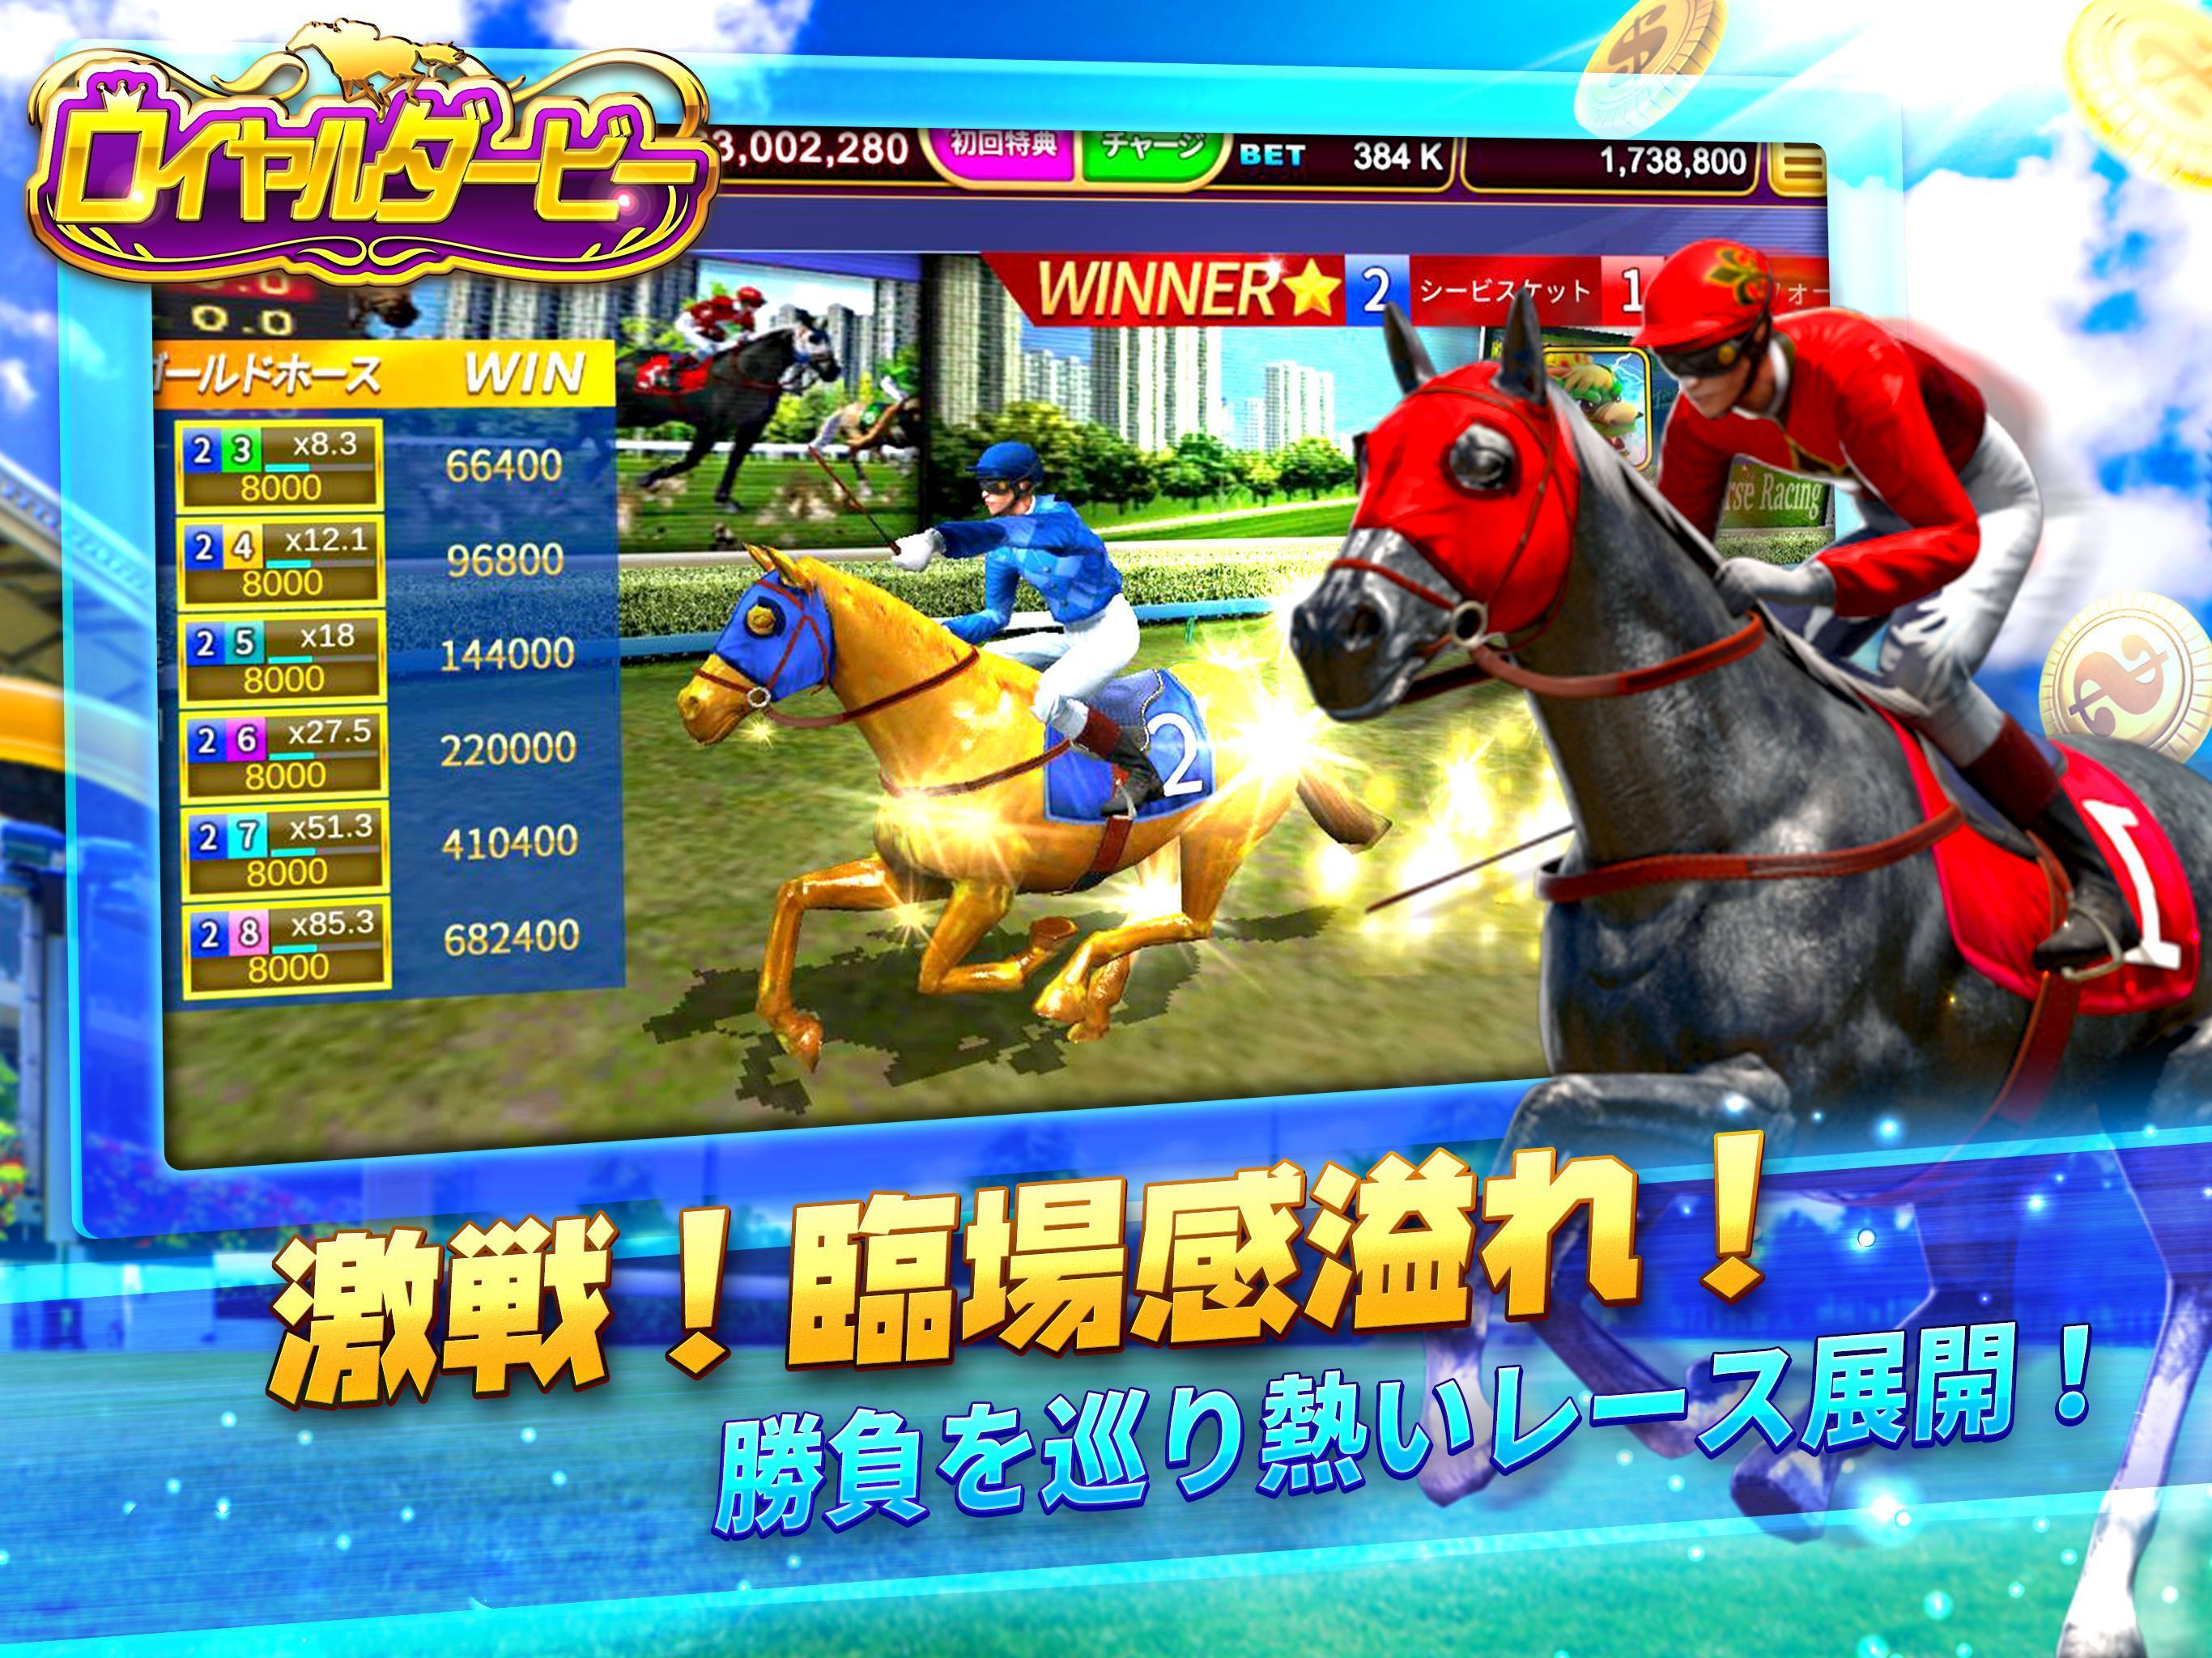 スーパーラッキーカジノ ~ オーシャンモンスター、スロット、サイコロ、ポーカー 3.14.1 Screenshot 15